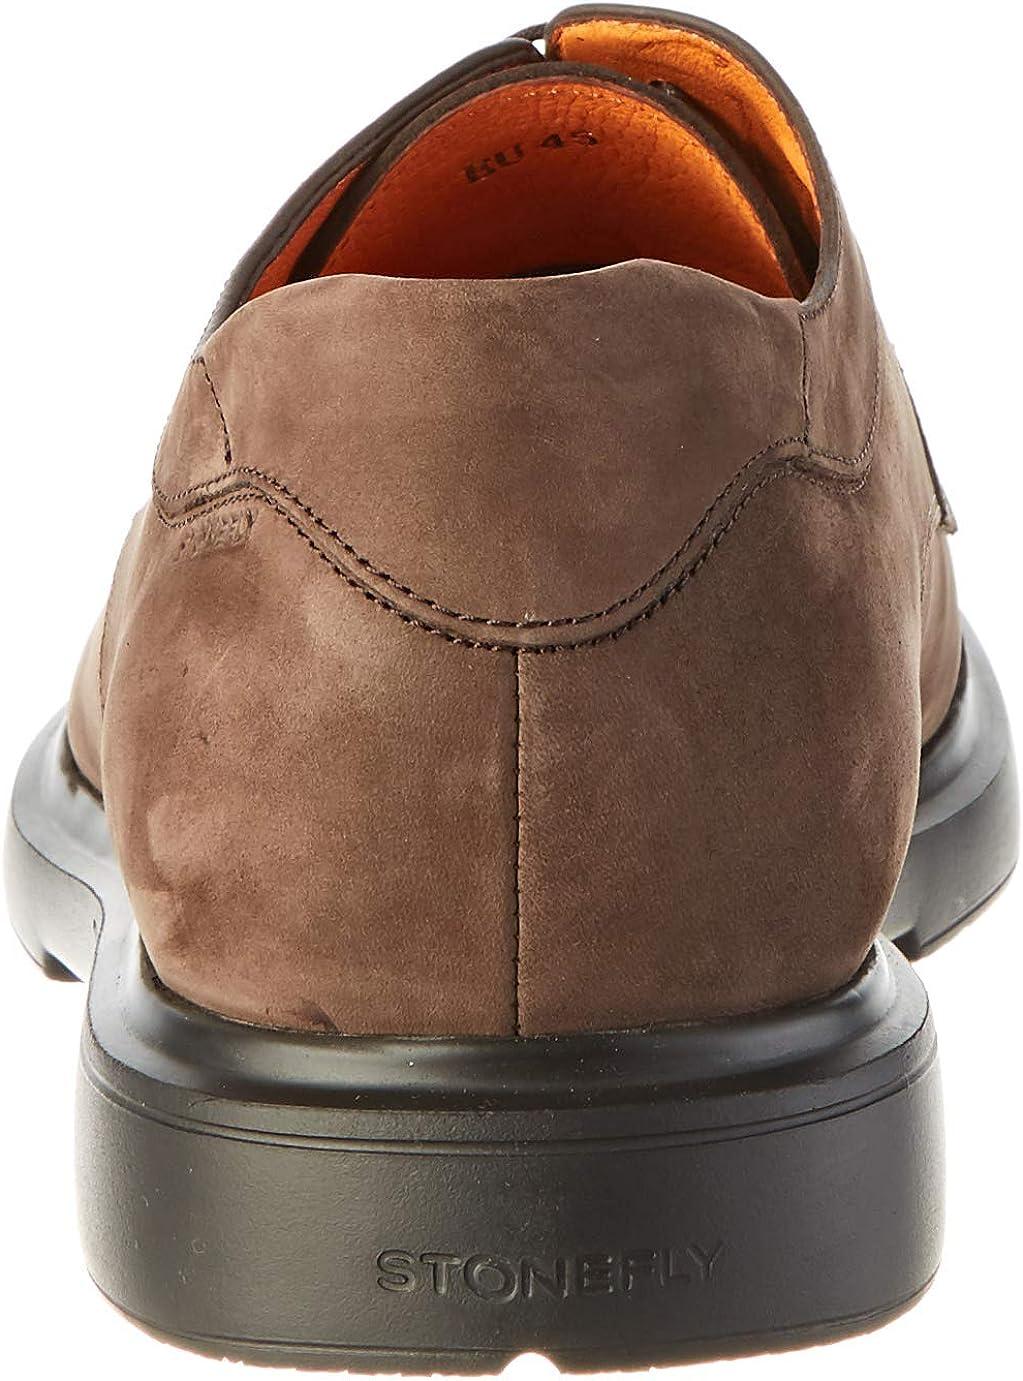 Stonefly Truman Nubuk Zapatos de Cordones Derby Hombre